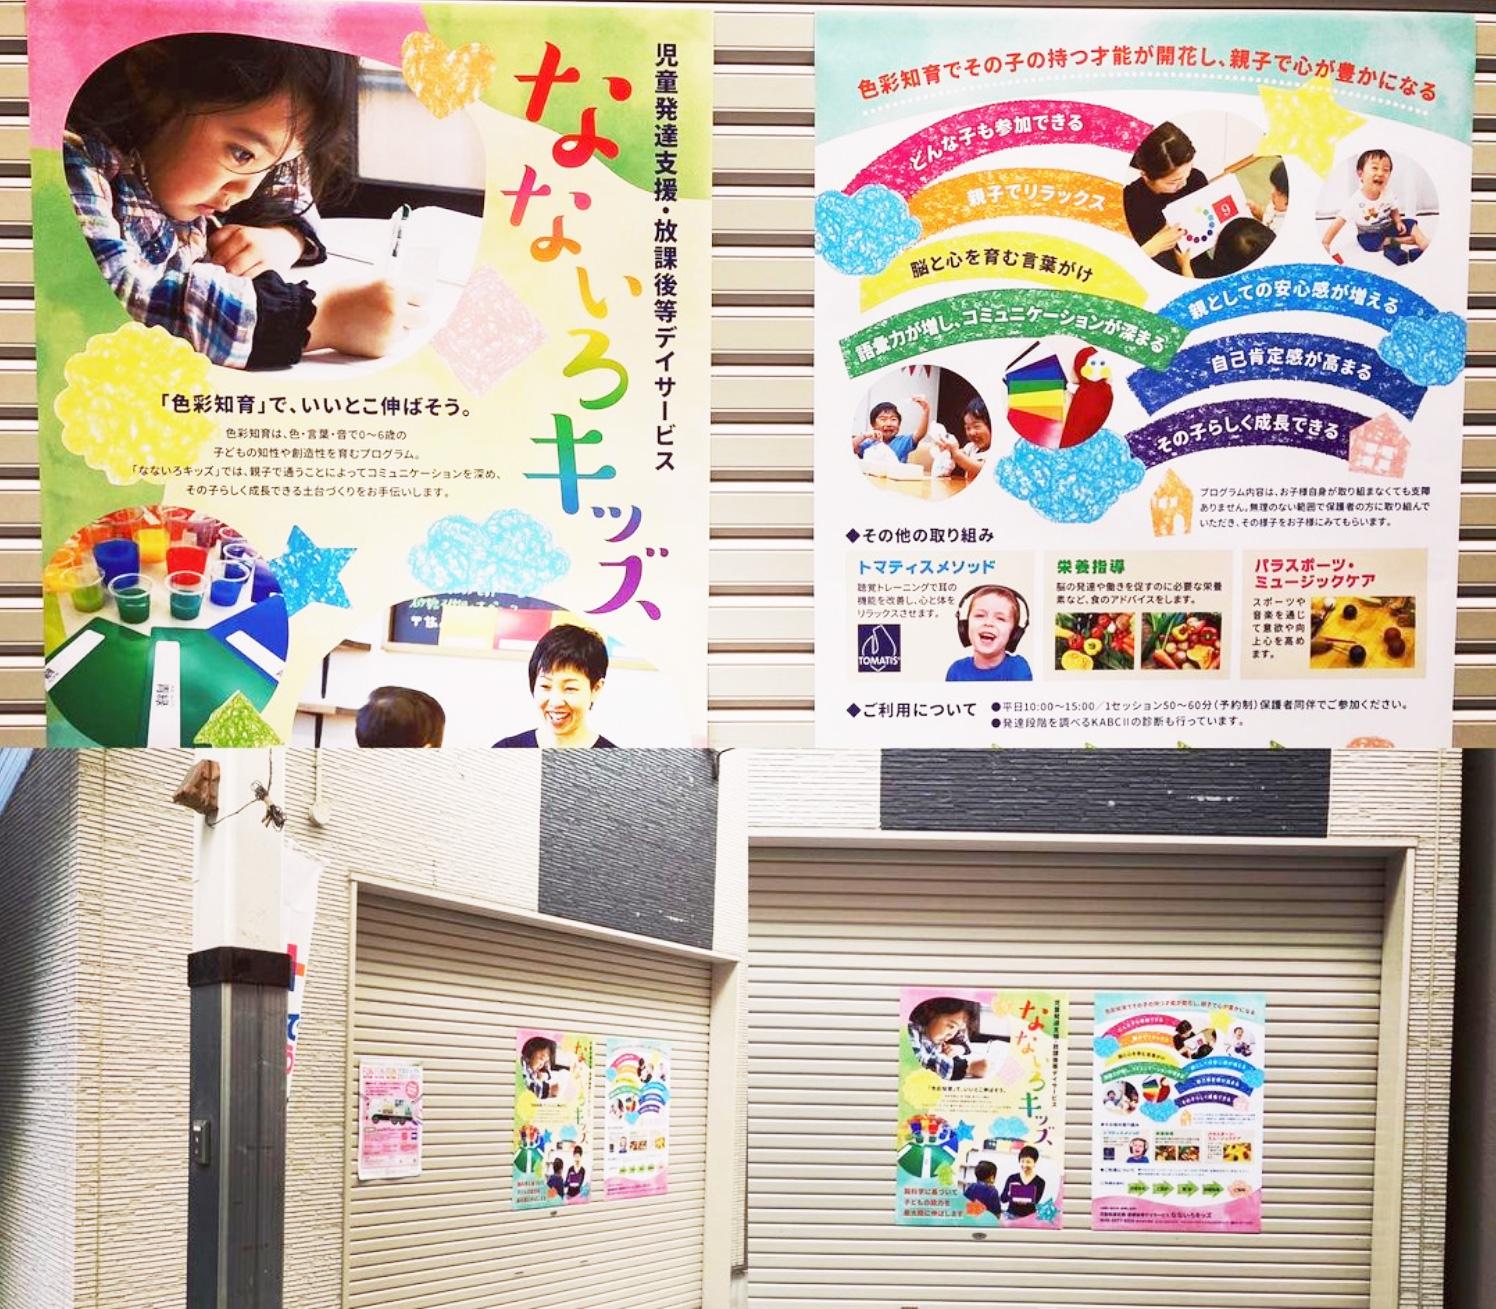 「色彩知育」で、いいとこ伸ばそう。 なないろキッズ様(大阪市天王寺区)